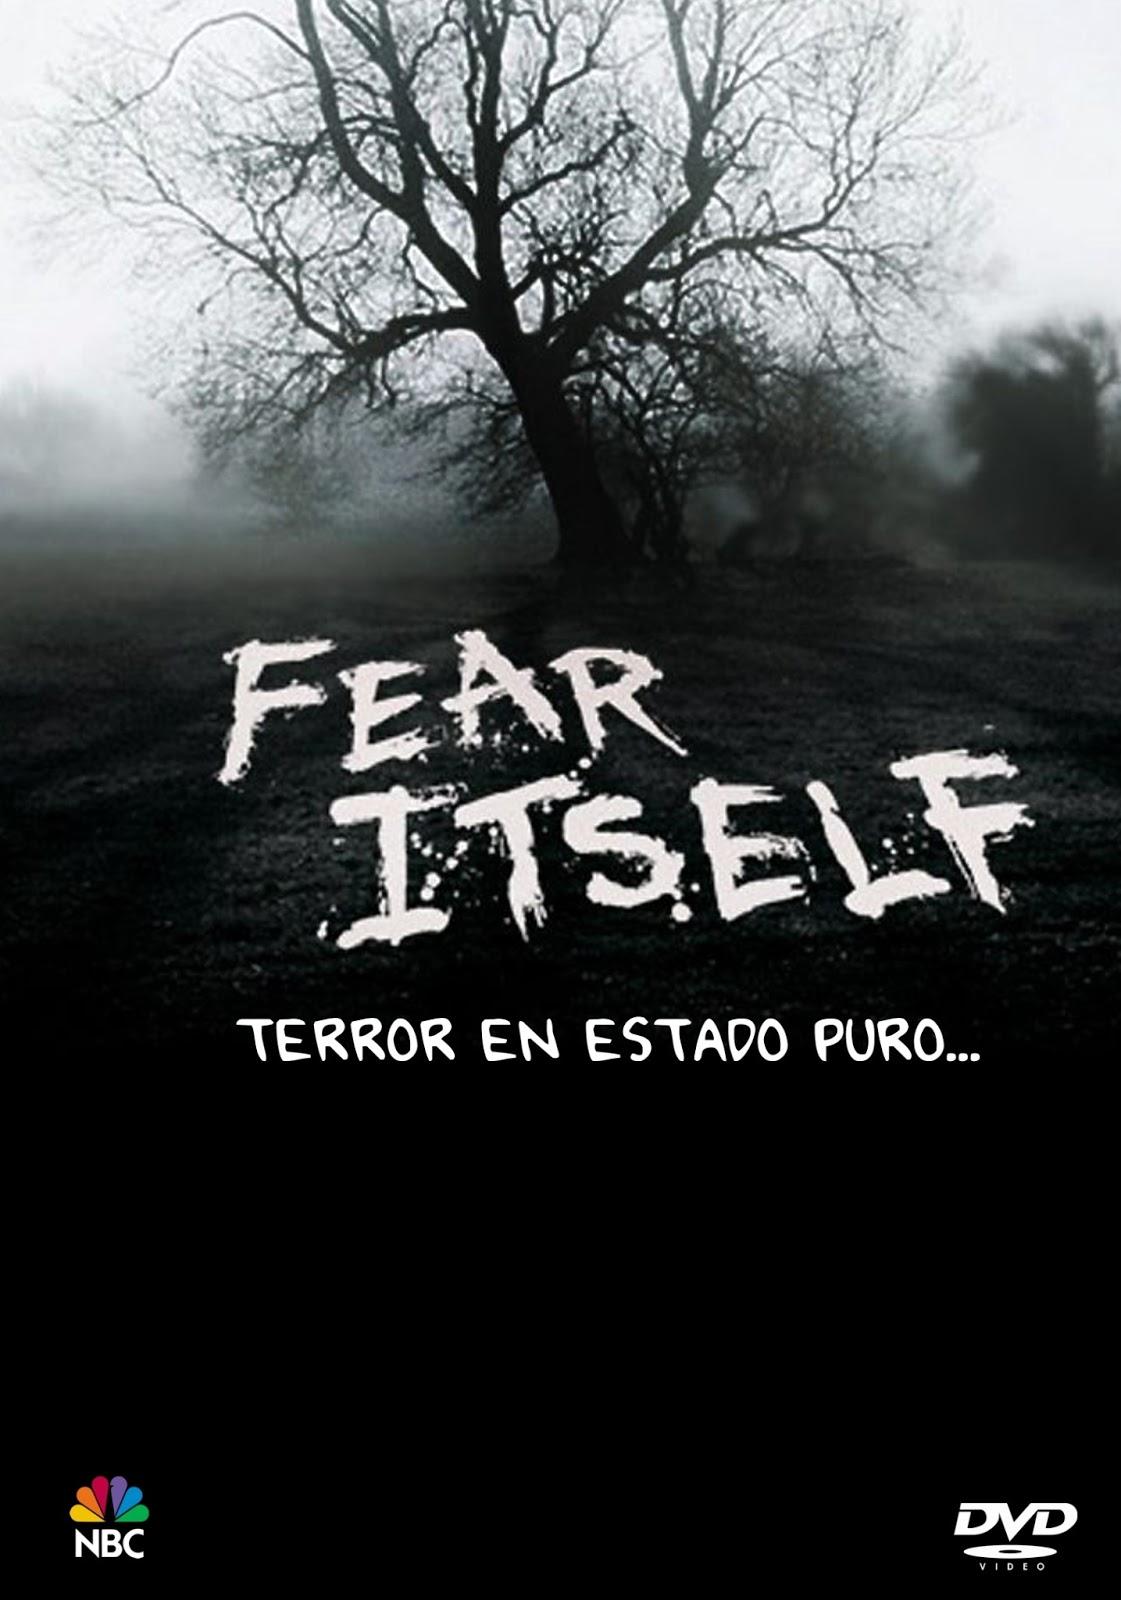 Capitulos de: Terror en estado puro (Fearitself)